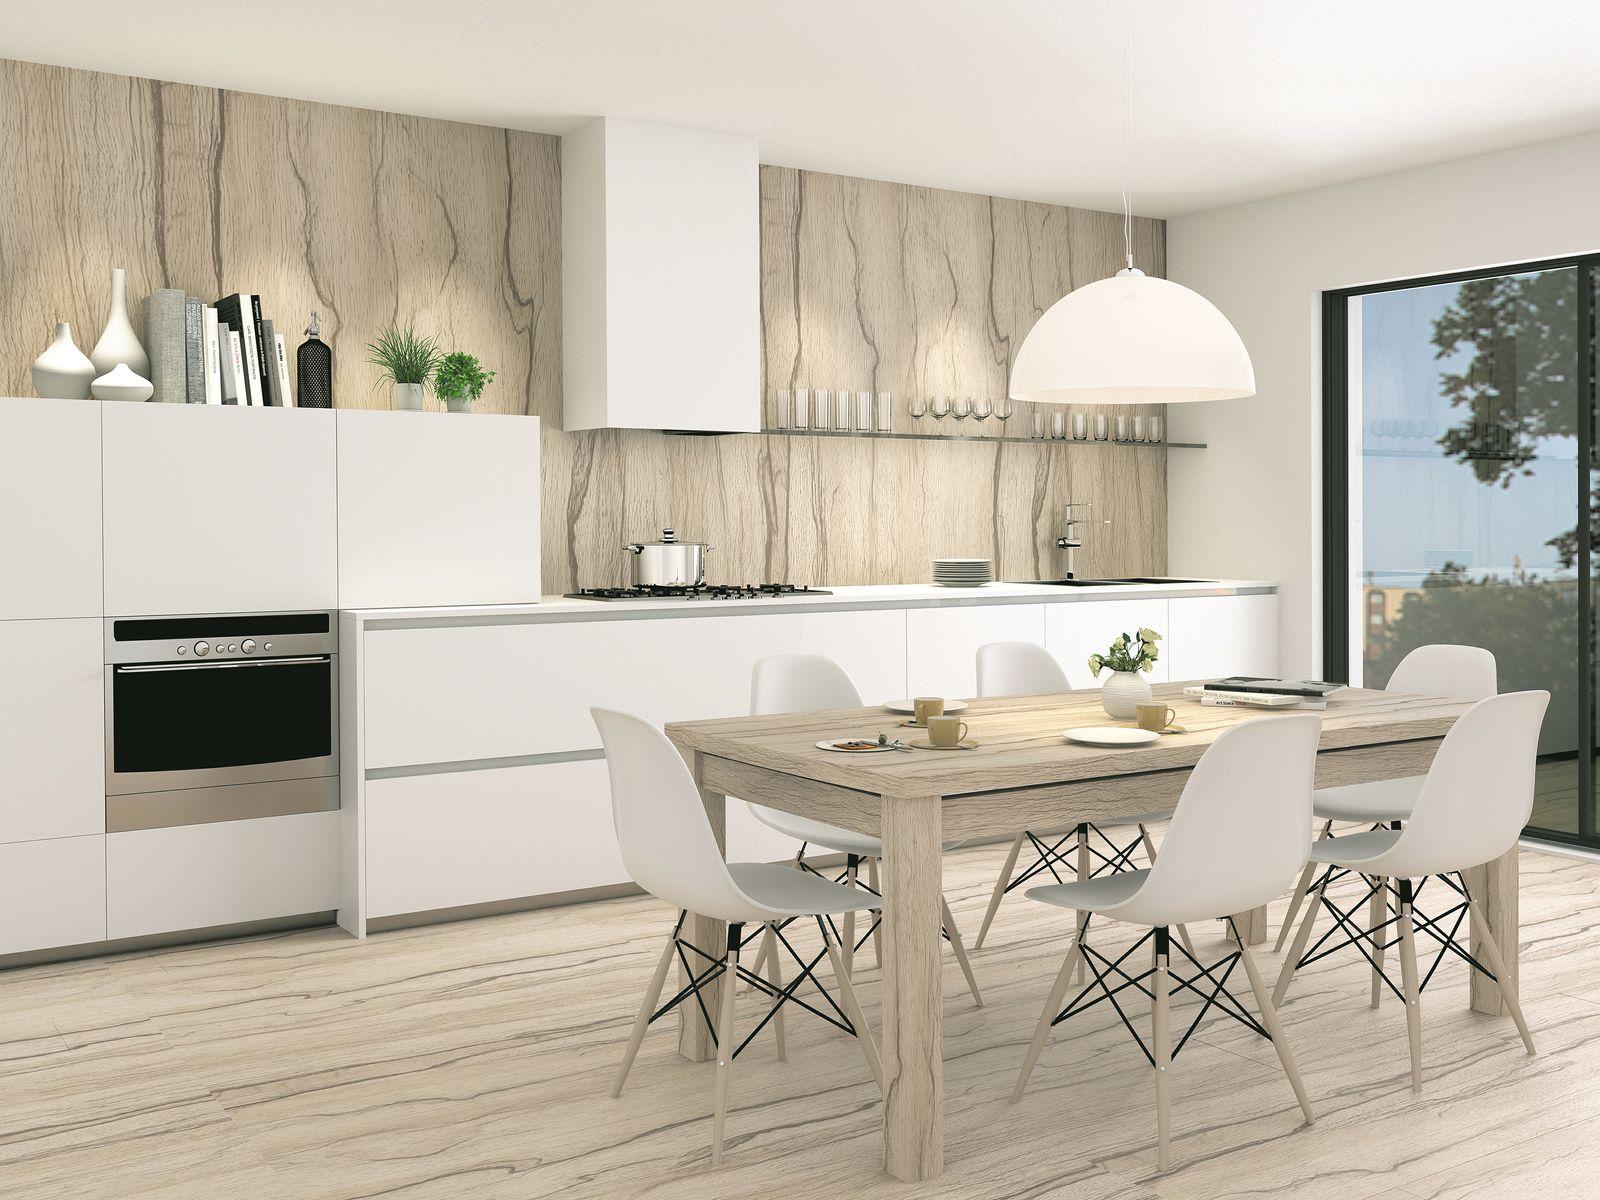 Cucina abitabile moderna